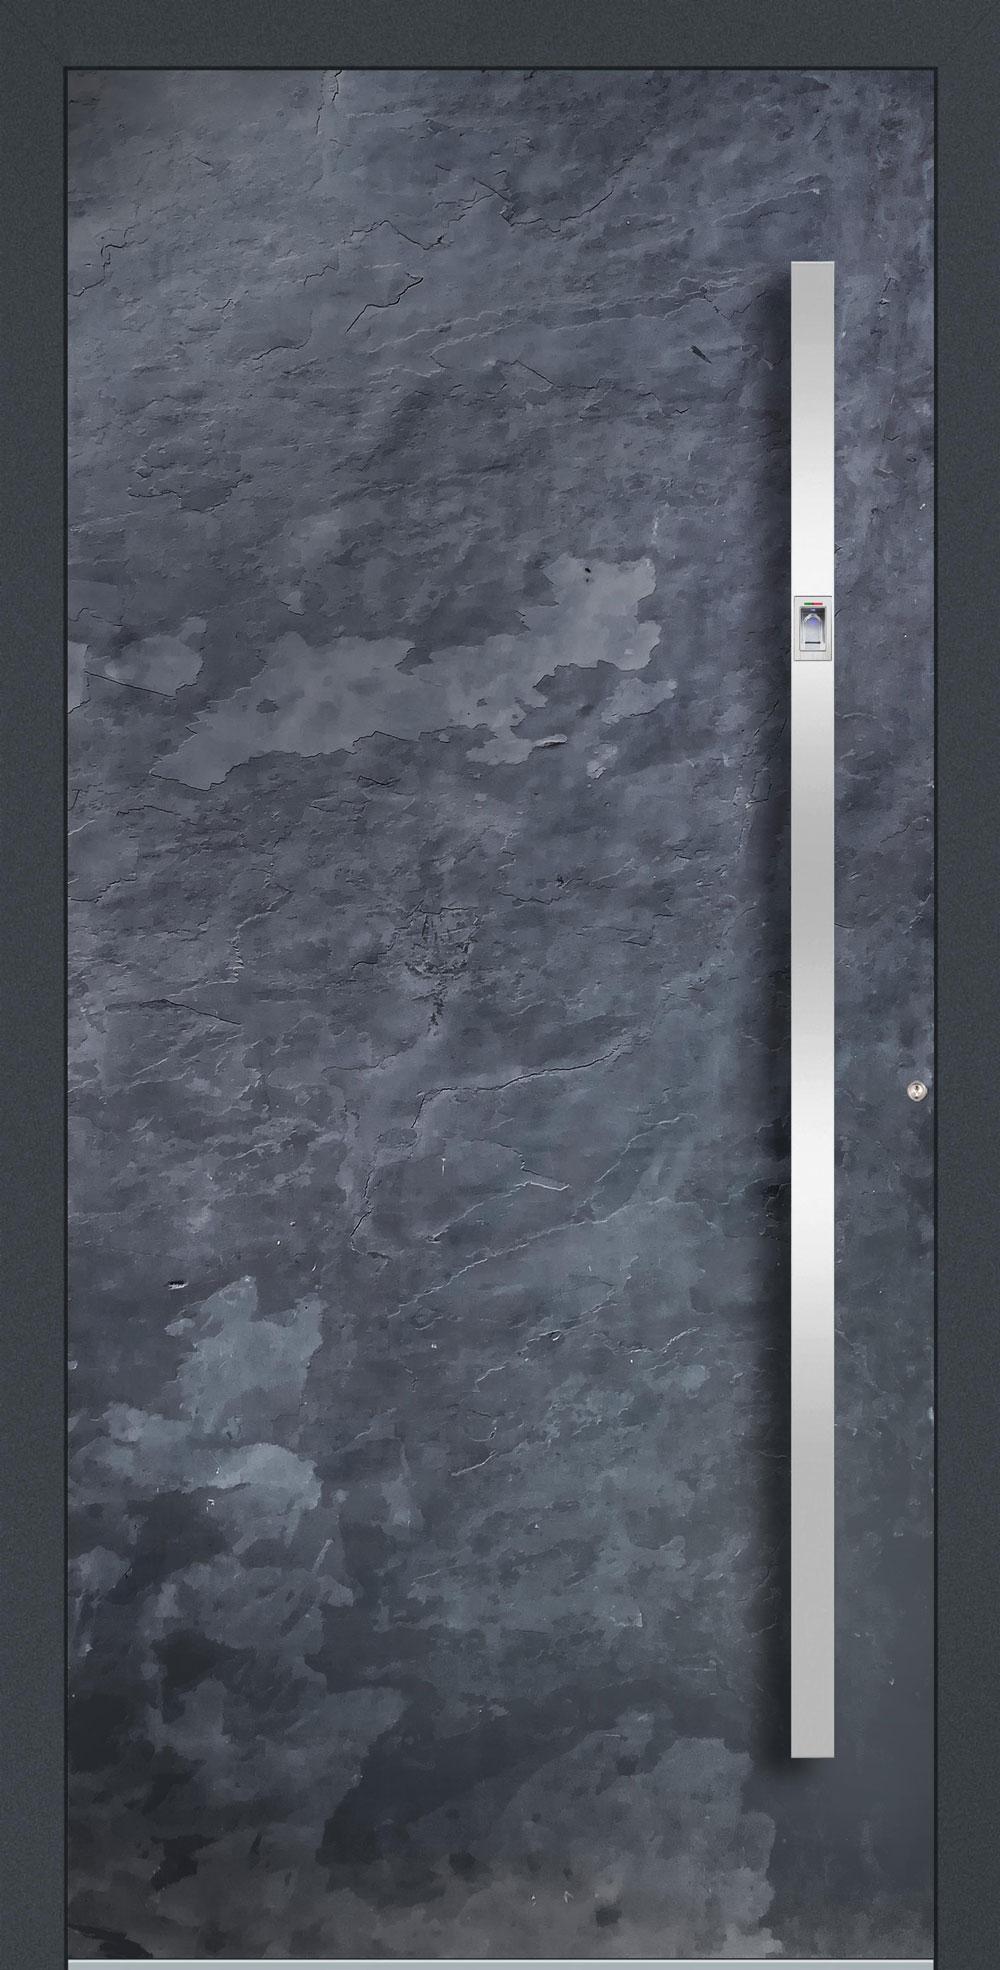 S01 komplett geschlossen Echtschieferoberfläche einseitig außen Anwendungsbeispiel in flügelüberdeckend, Edelstahlgriff 11090 ES mit integriertem Fingerprint